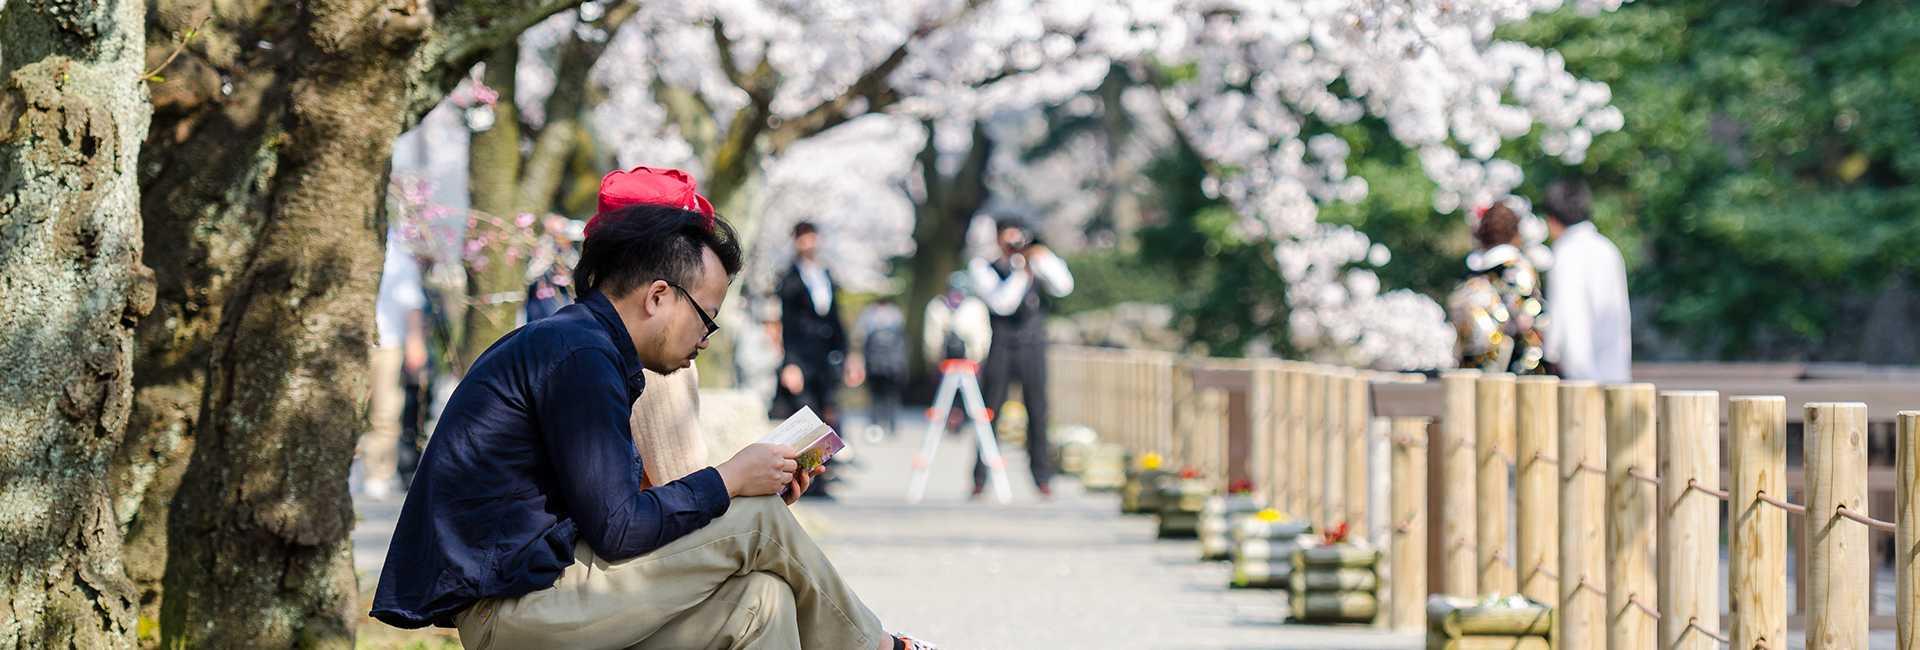 leggere sotto un albero di ciliegi in fiore a Kanazawa